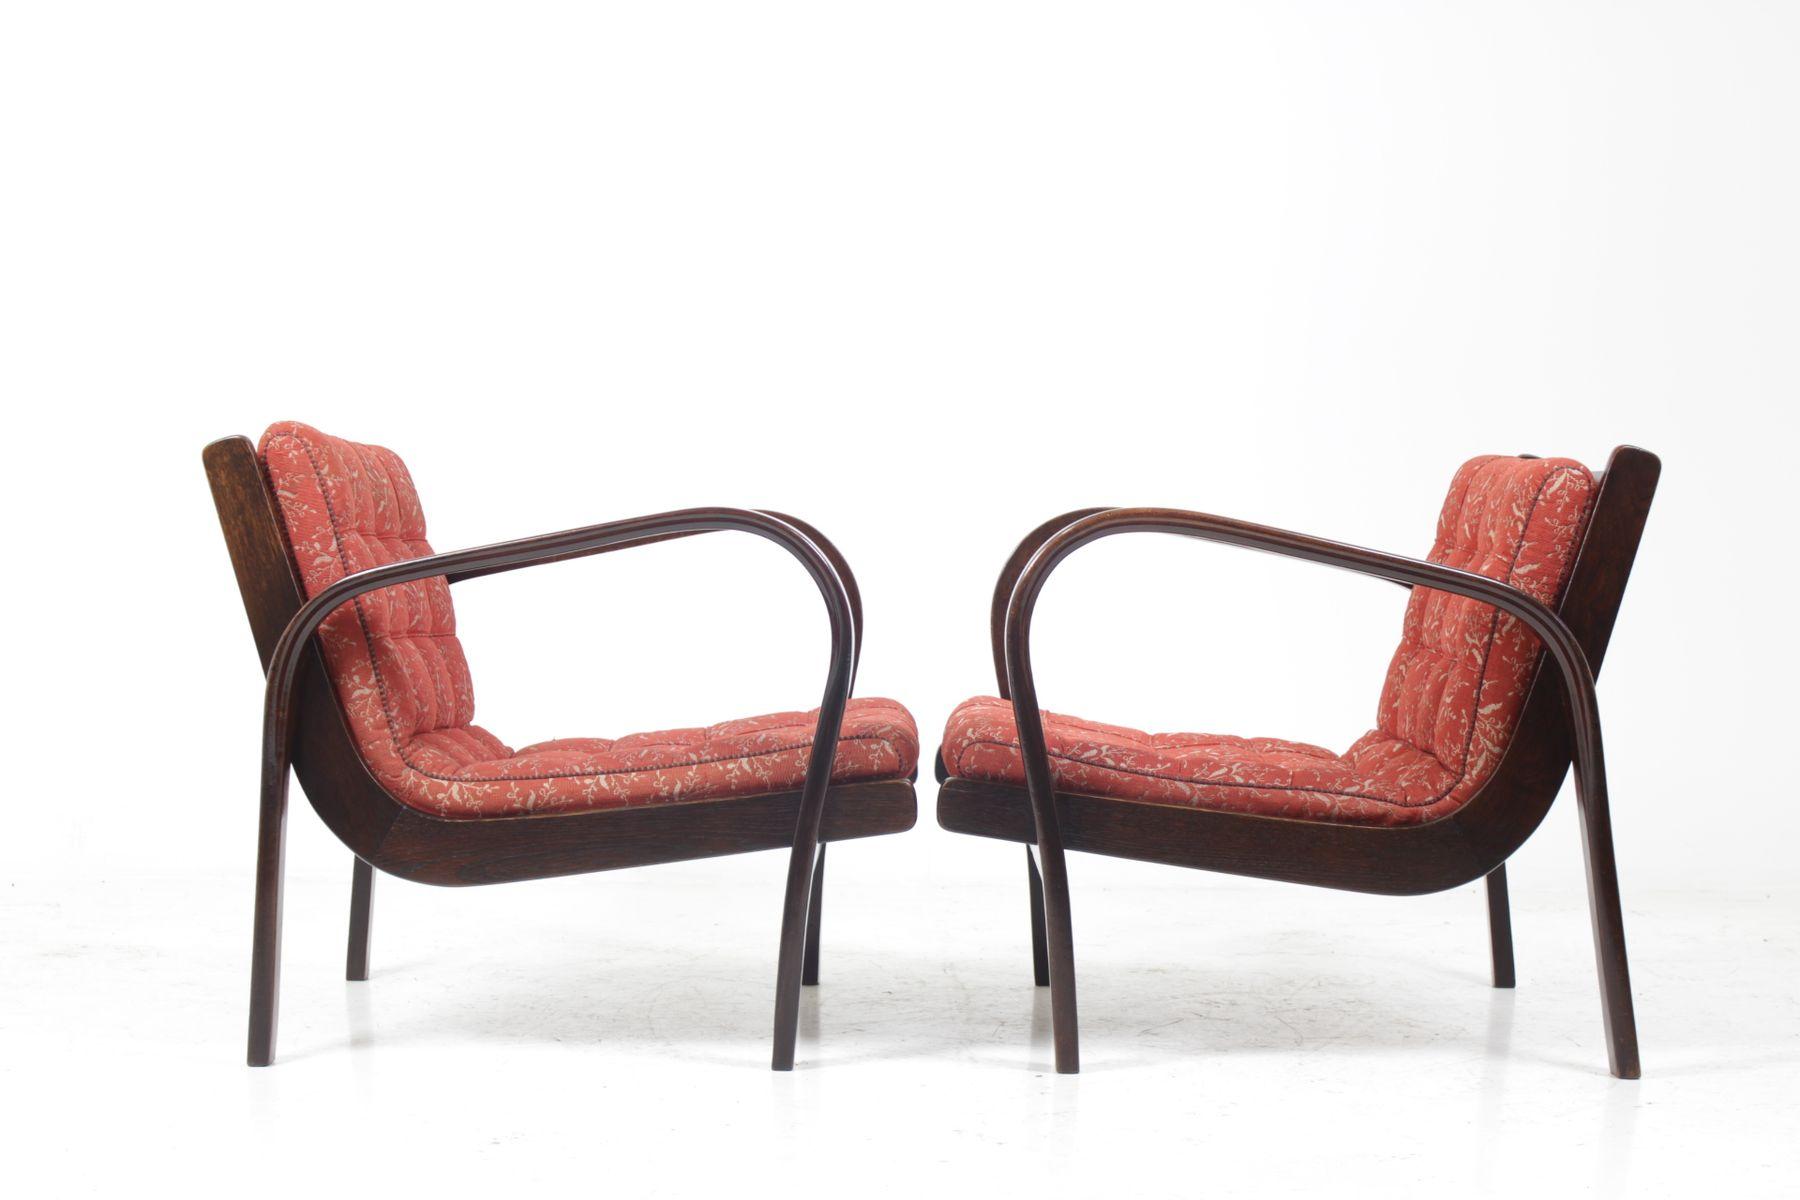 vintage sessel und couchtisch set von karel kozelka anton n krop ek bei pamono kaufen. Black Bedroom Furniture Sets. Home Design Ideas